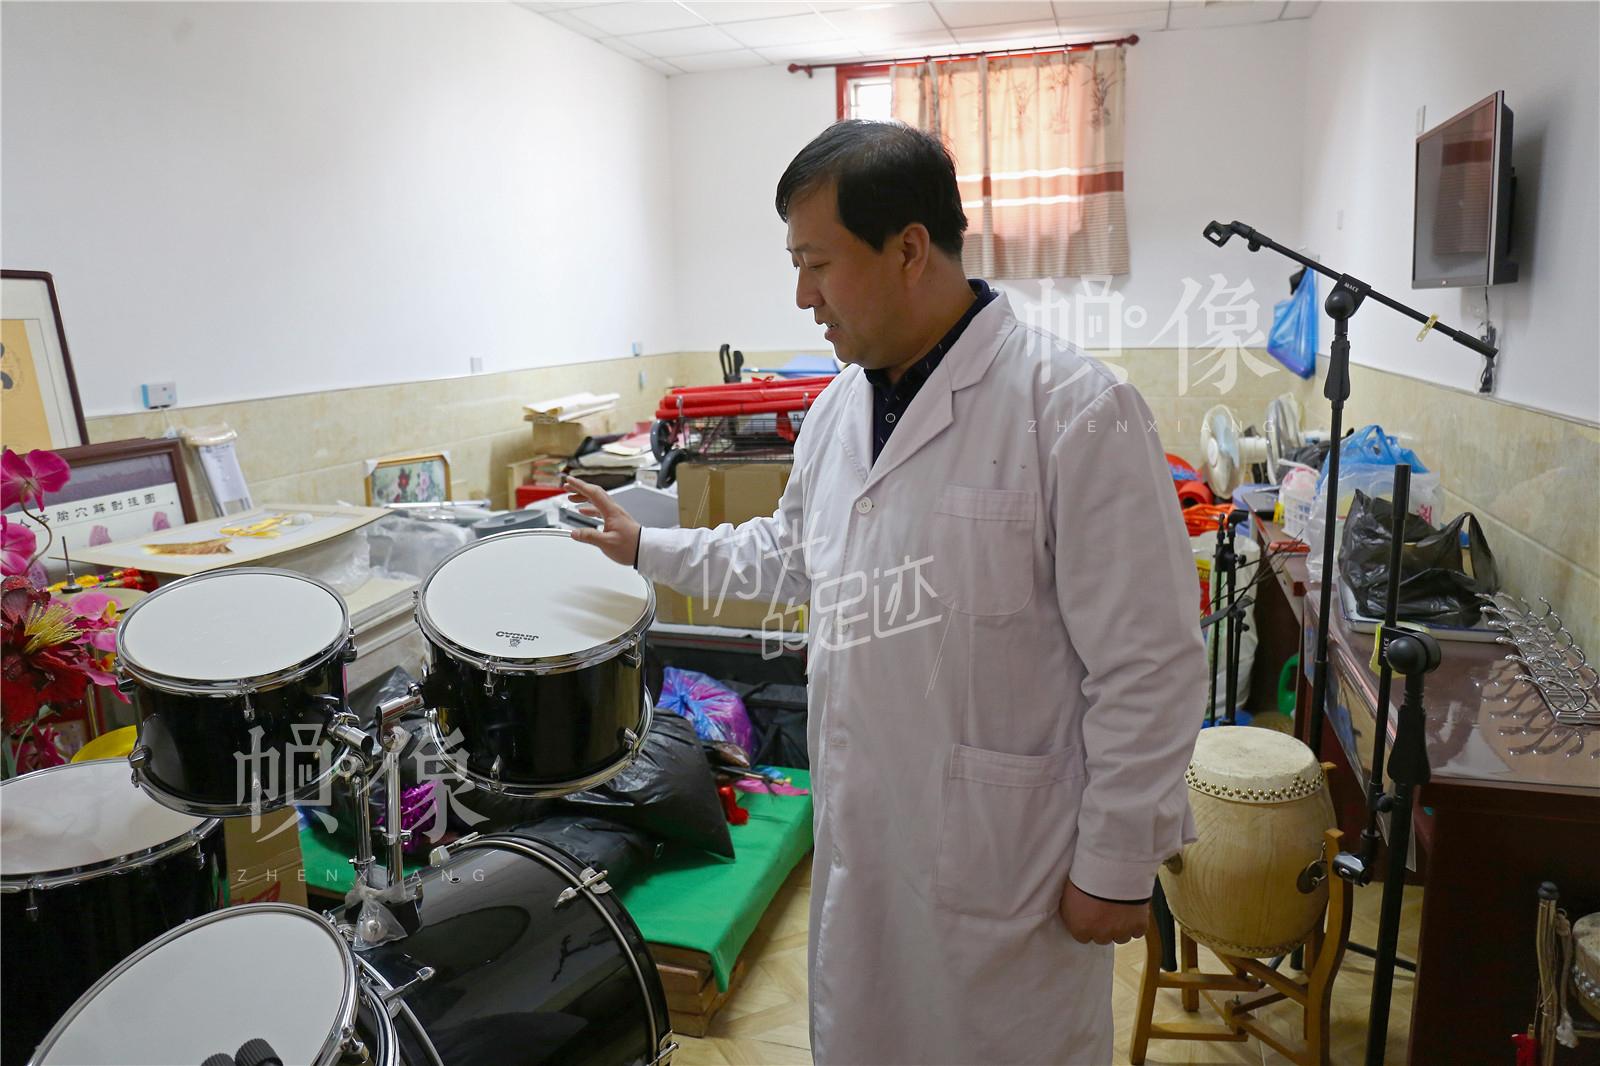 王金海在丰富老人的生活娱乐内容方面下了很多心思,购买的器材设施装满了整整一个房间。中国网记者 黄富友 摄